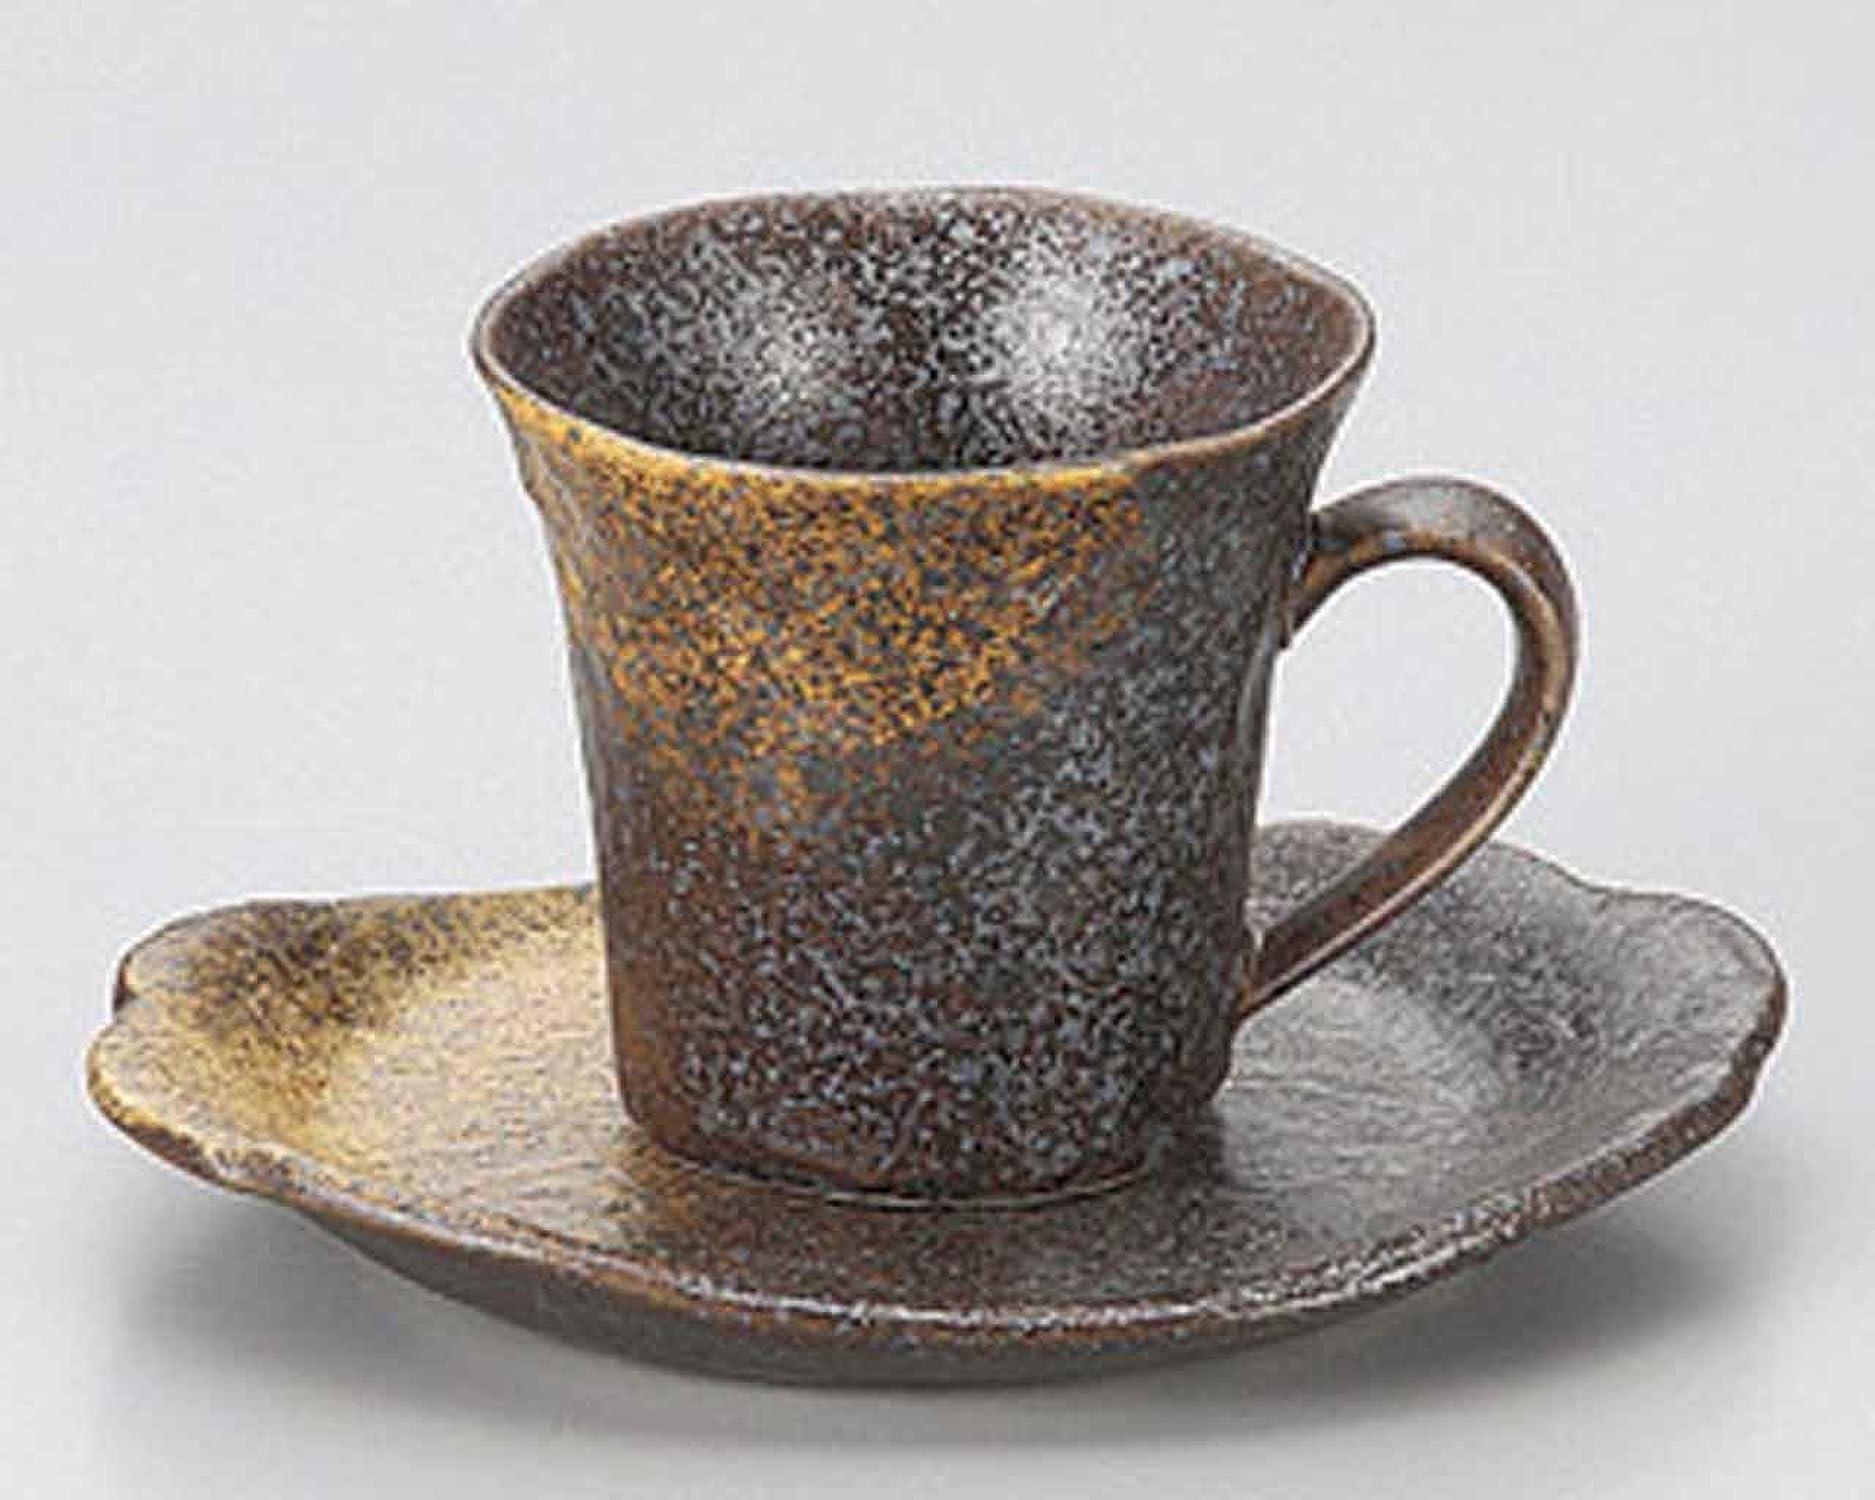 Akebono 8.2cm Ensemble de 2 Cup & Saucers marron porcelain Originale Japonaise